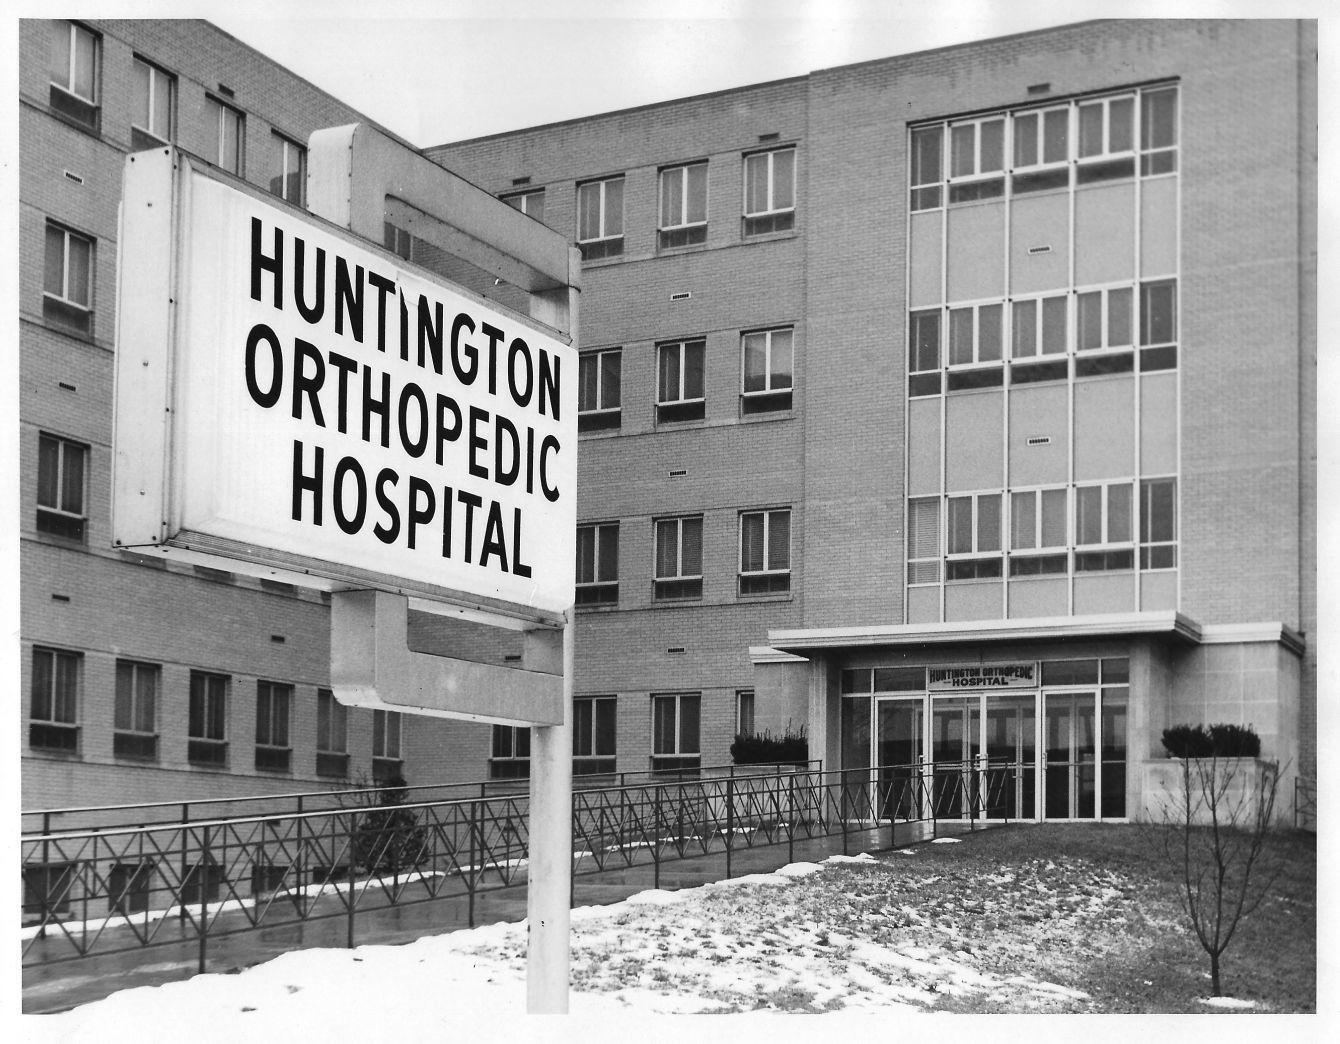 Huntington Orthopedic Hospital